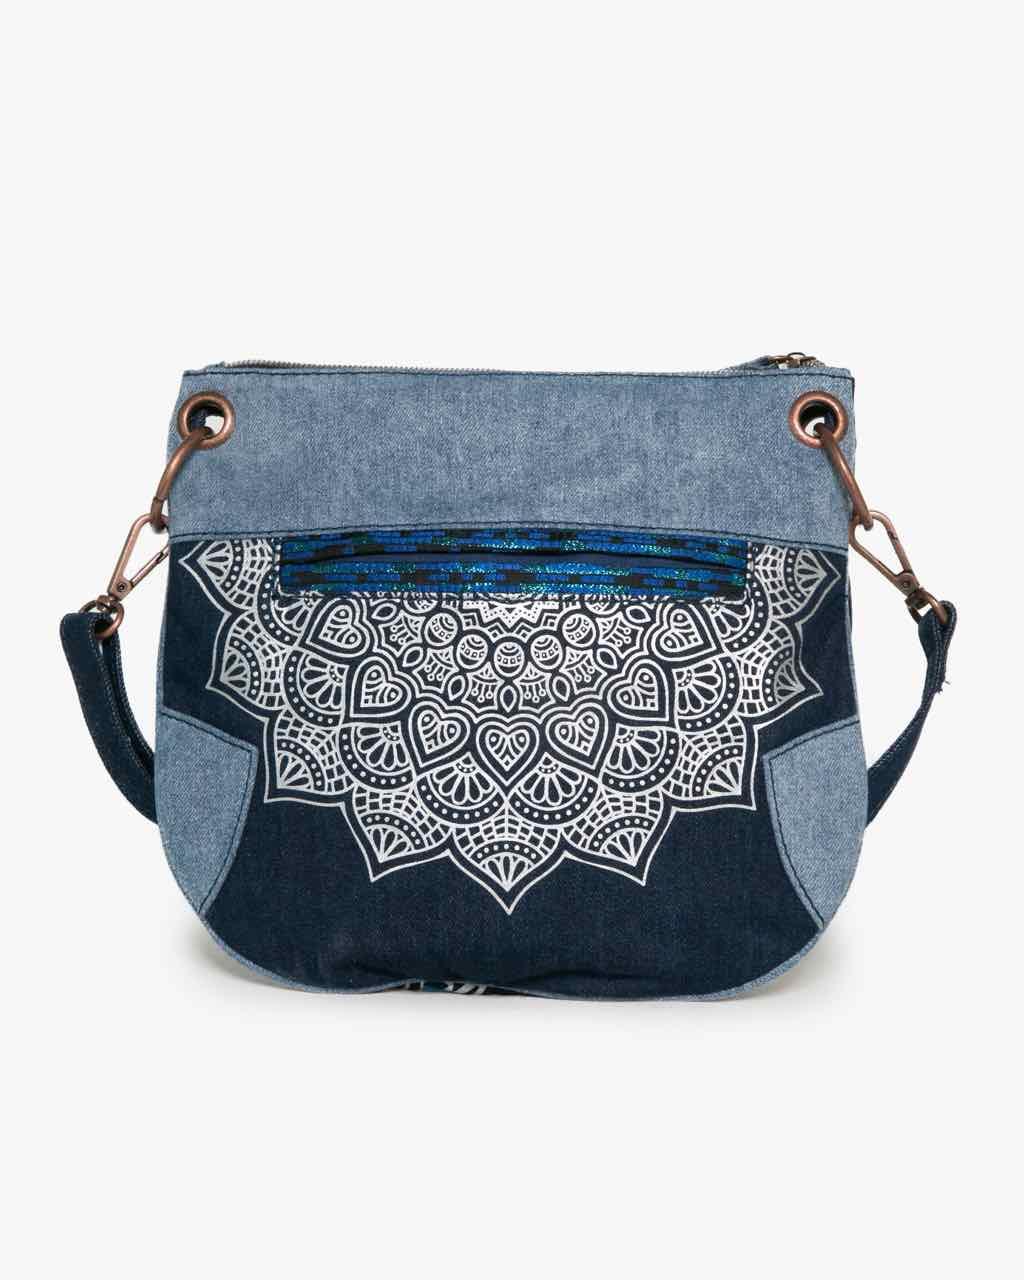 DESIGUAL Girls Bag DENIM 17WGXD03 | Blue Bag